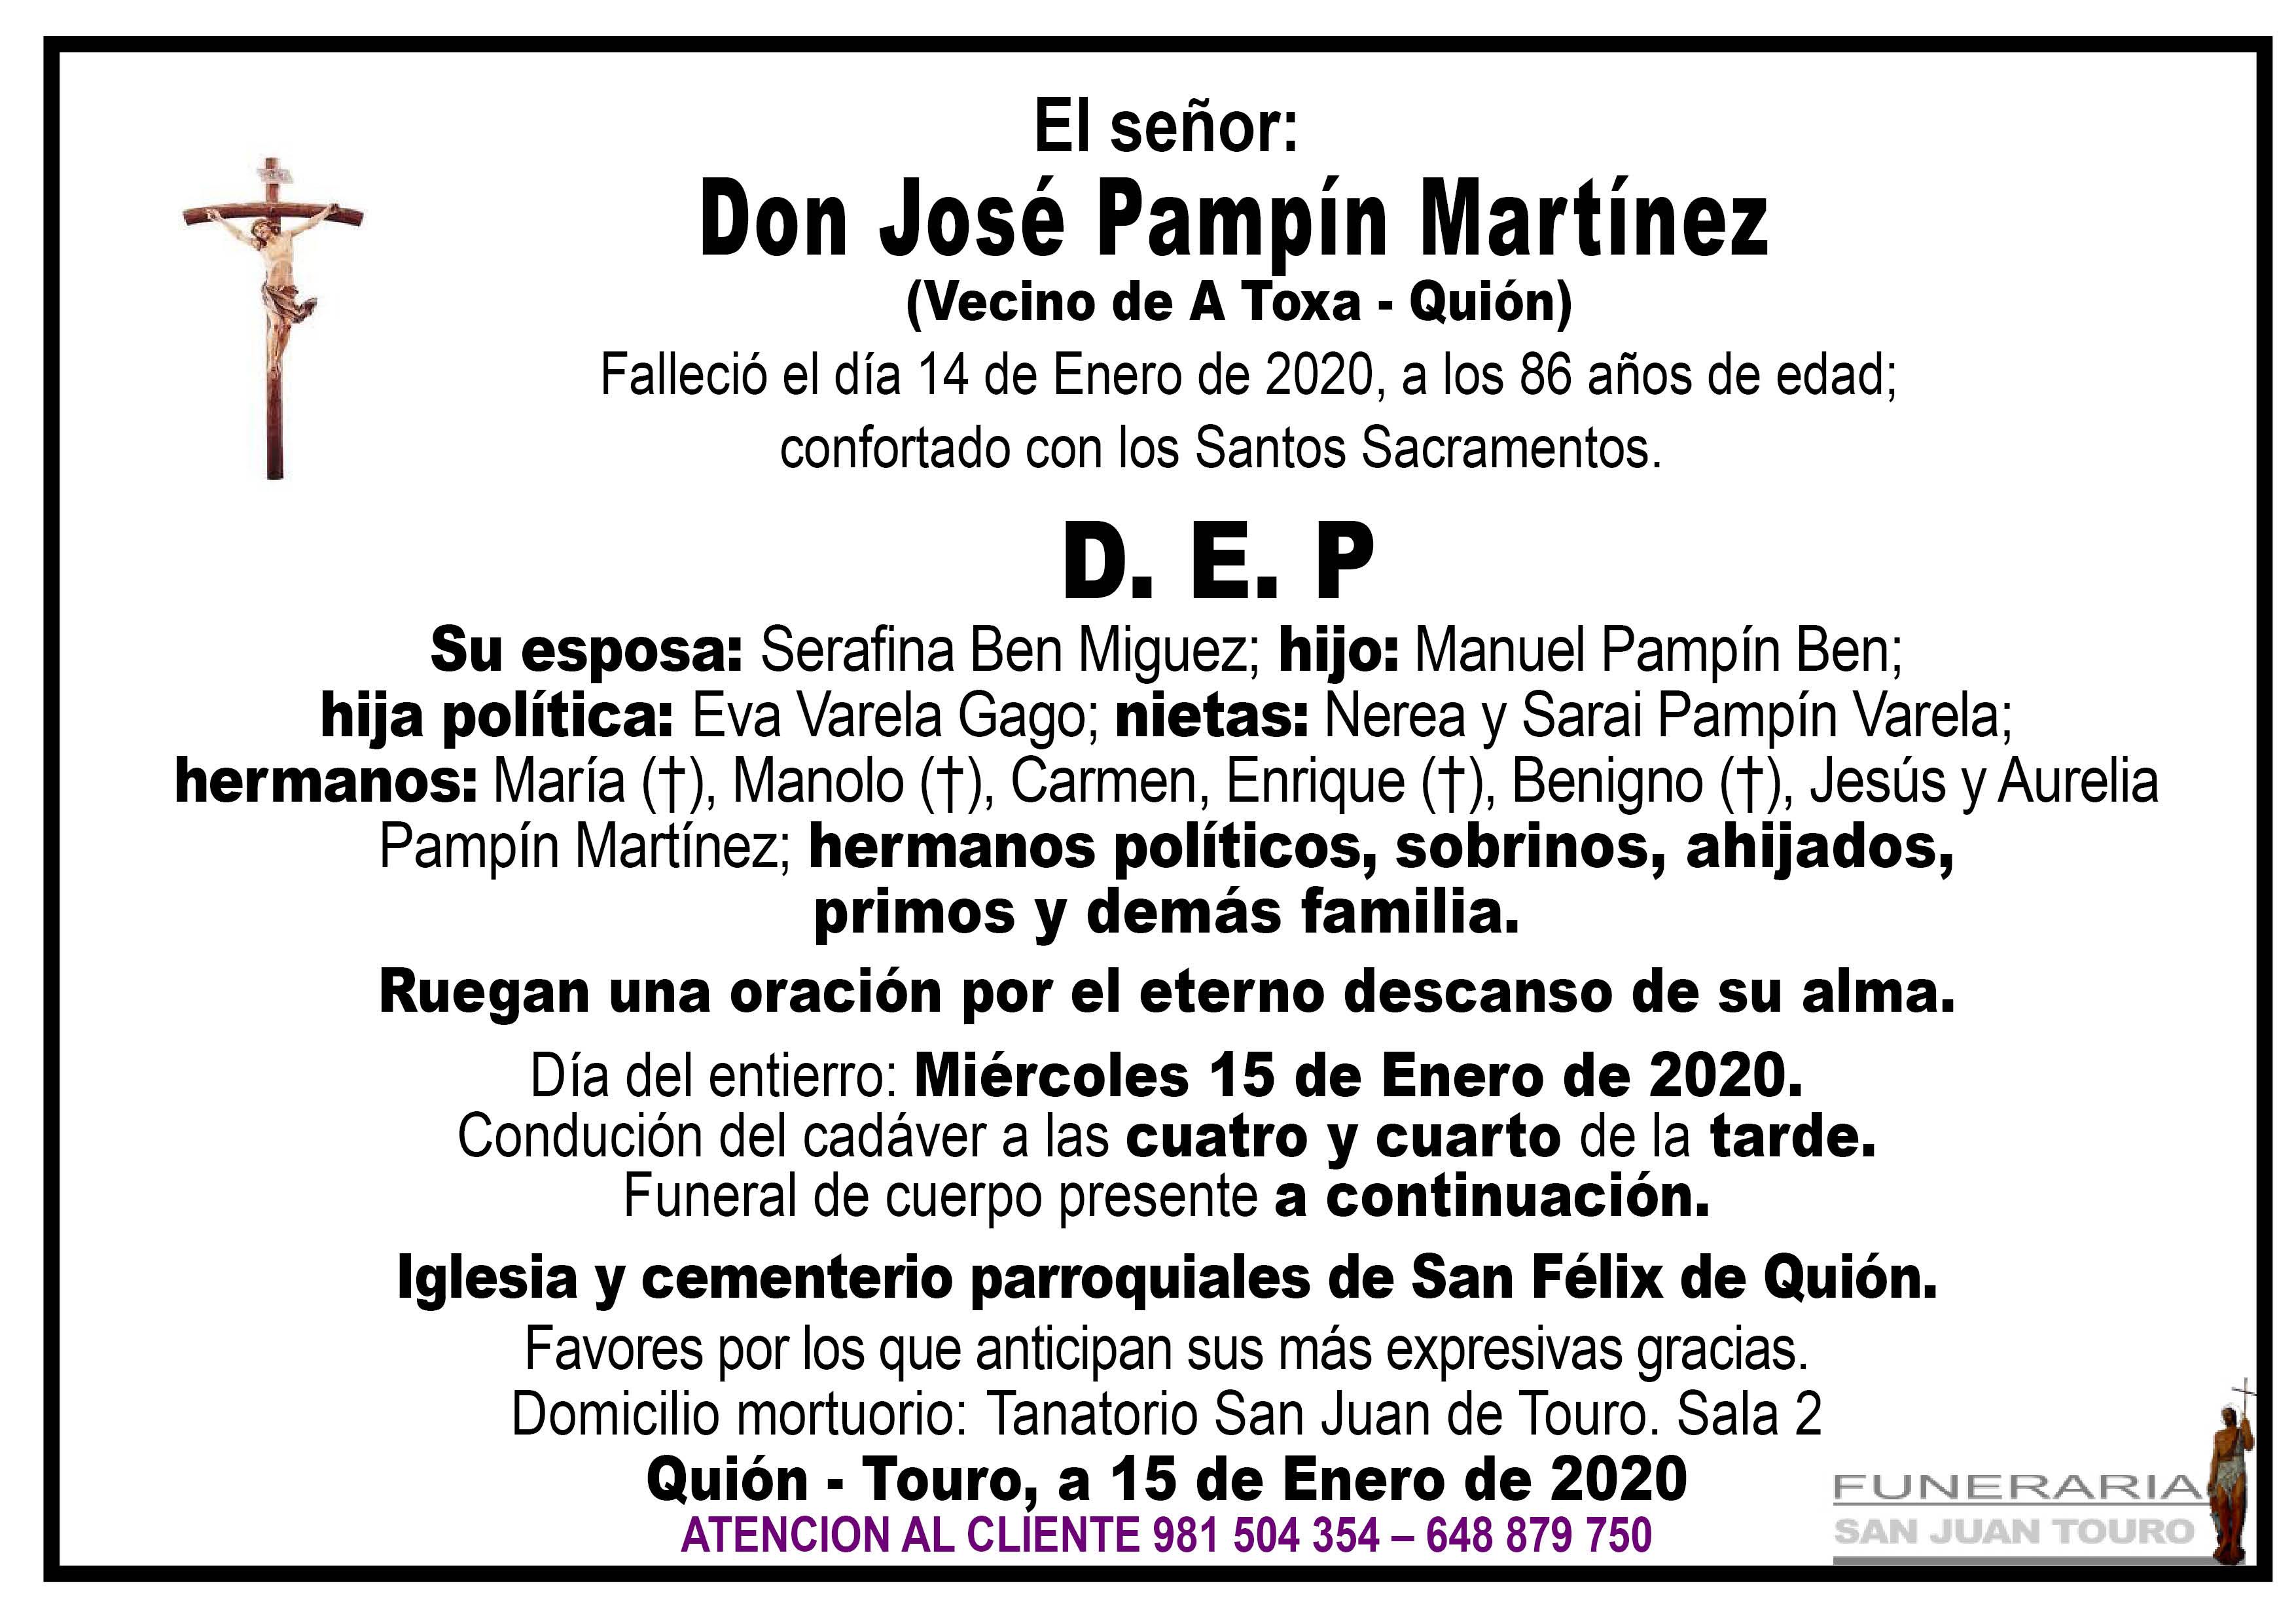 Esquela de SEPELIO DE DON JOSÉ PAMPÍN MARTÍNEZ